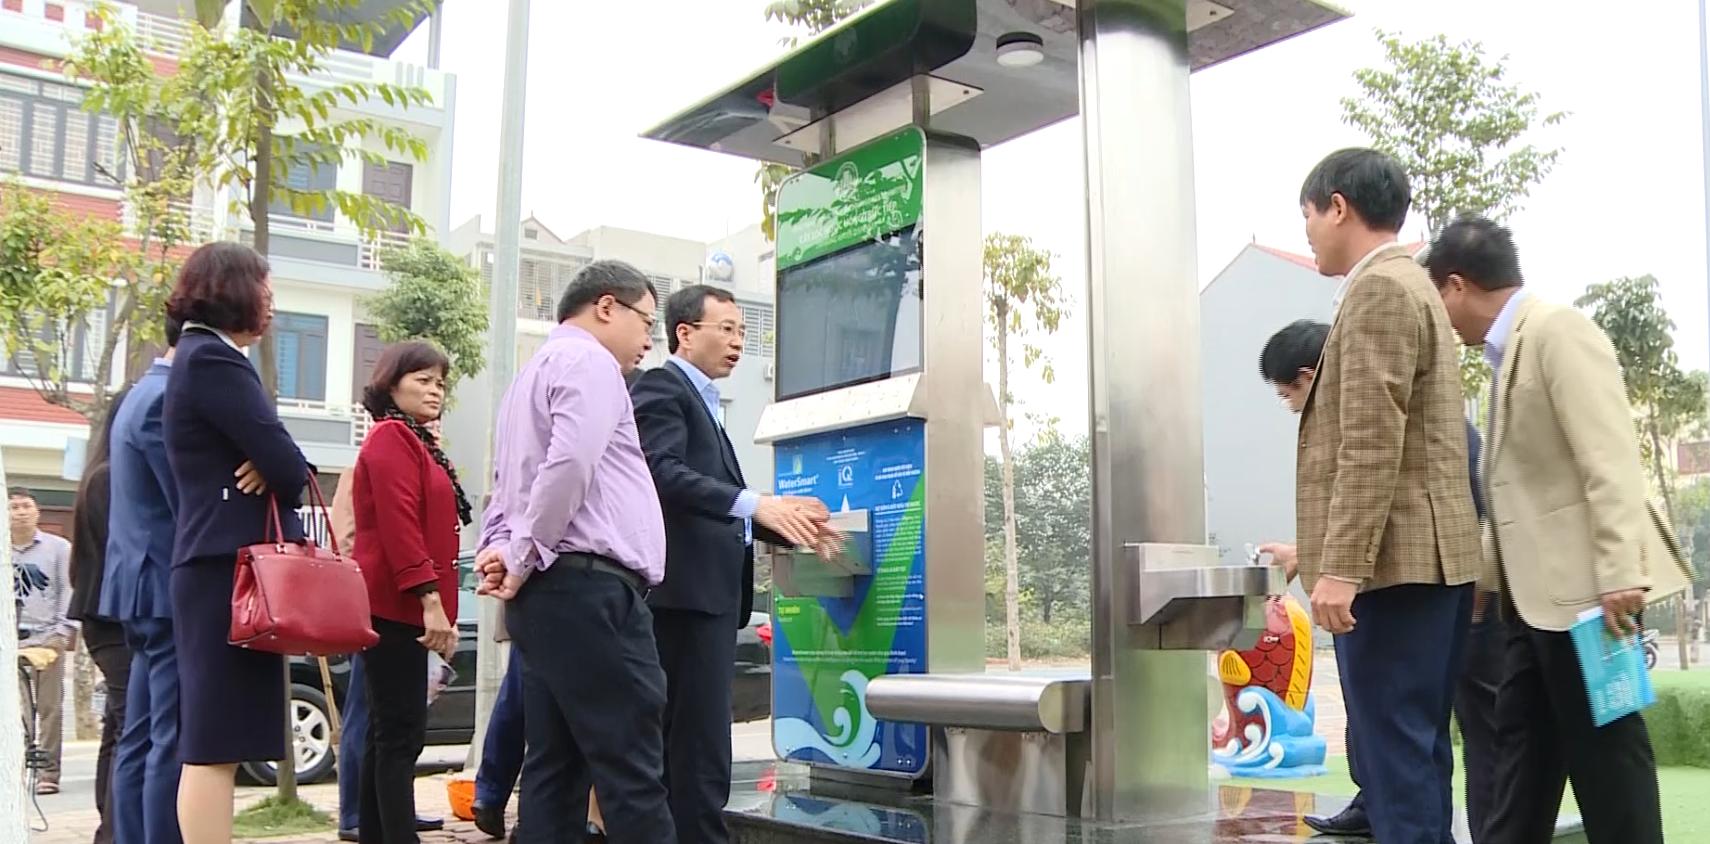 Thành phố Bắc Ninh nghiệm thu 10 cây nước uống miễn phí